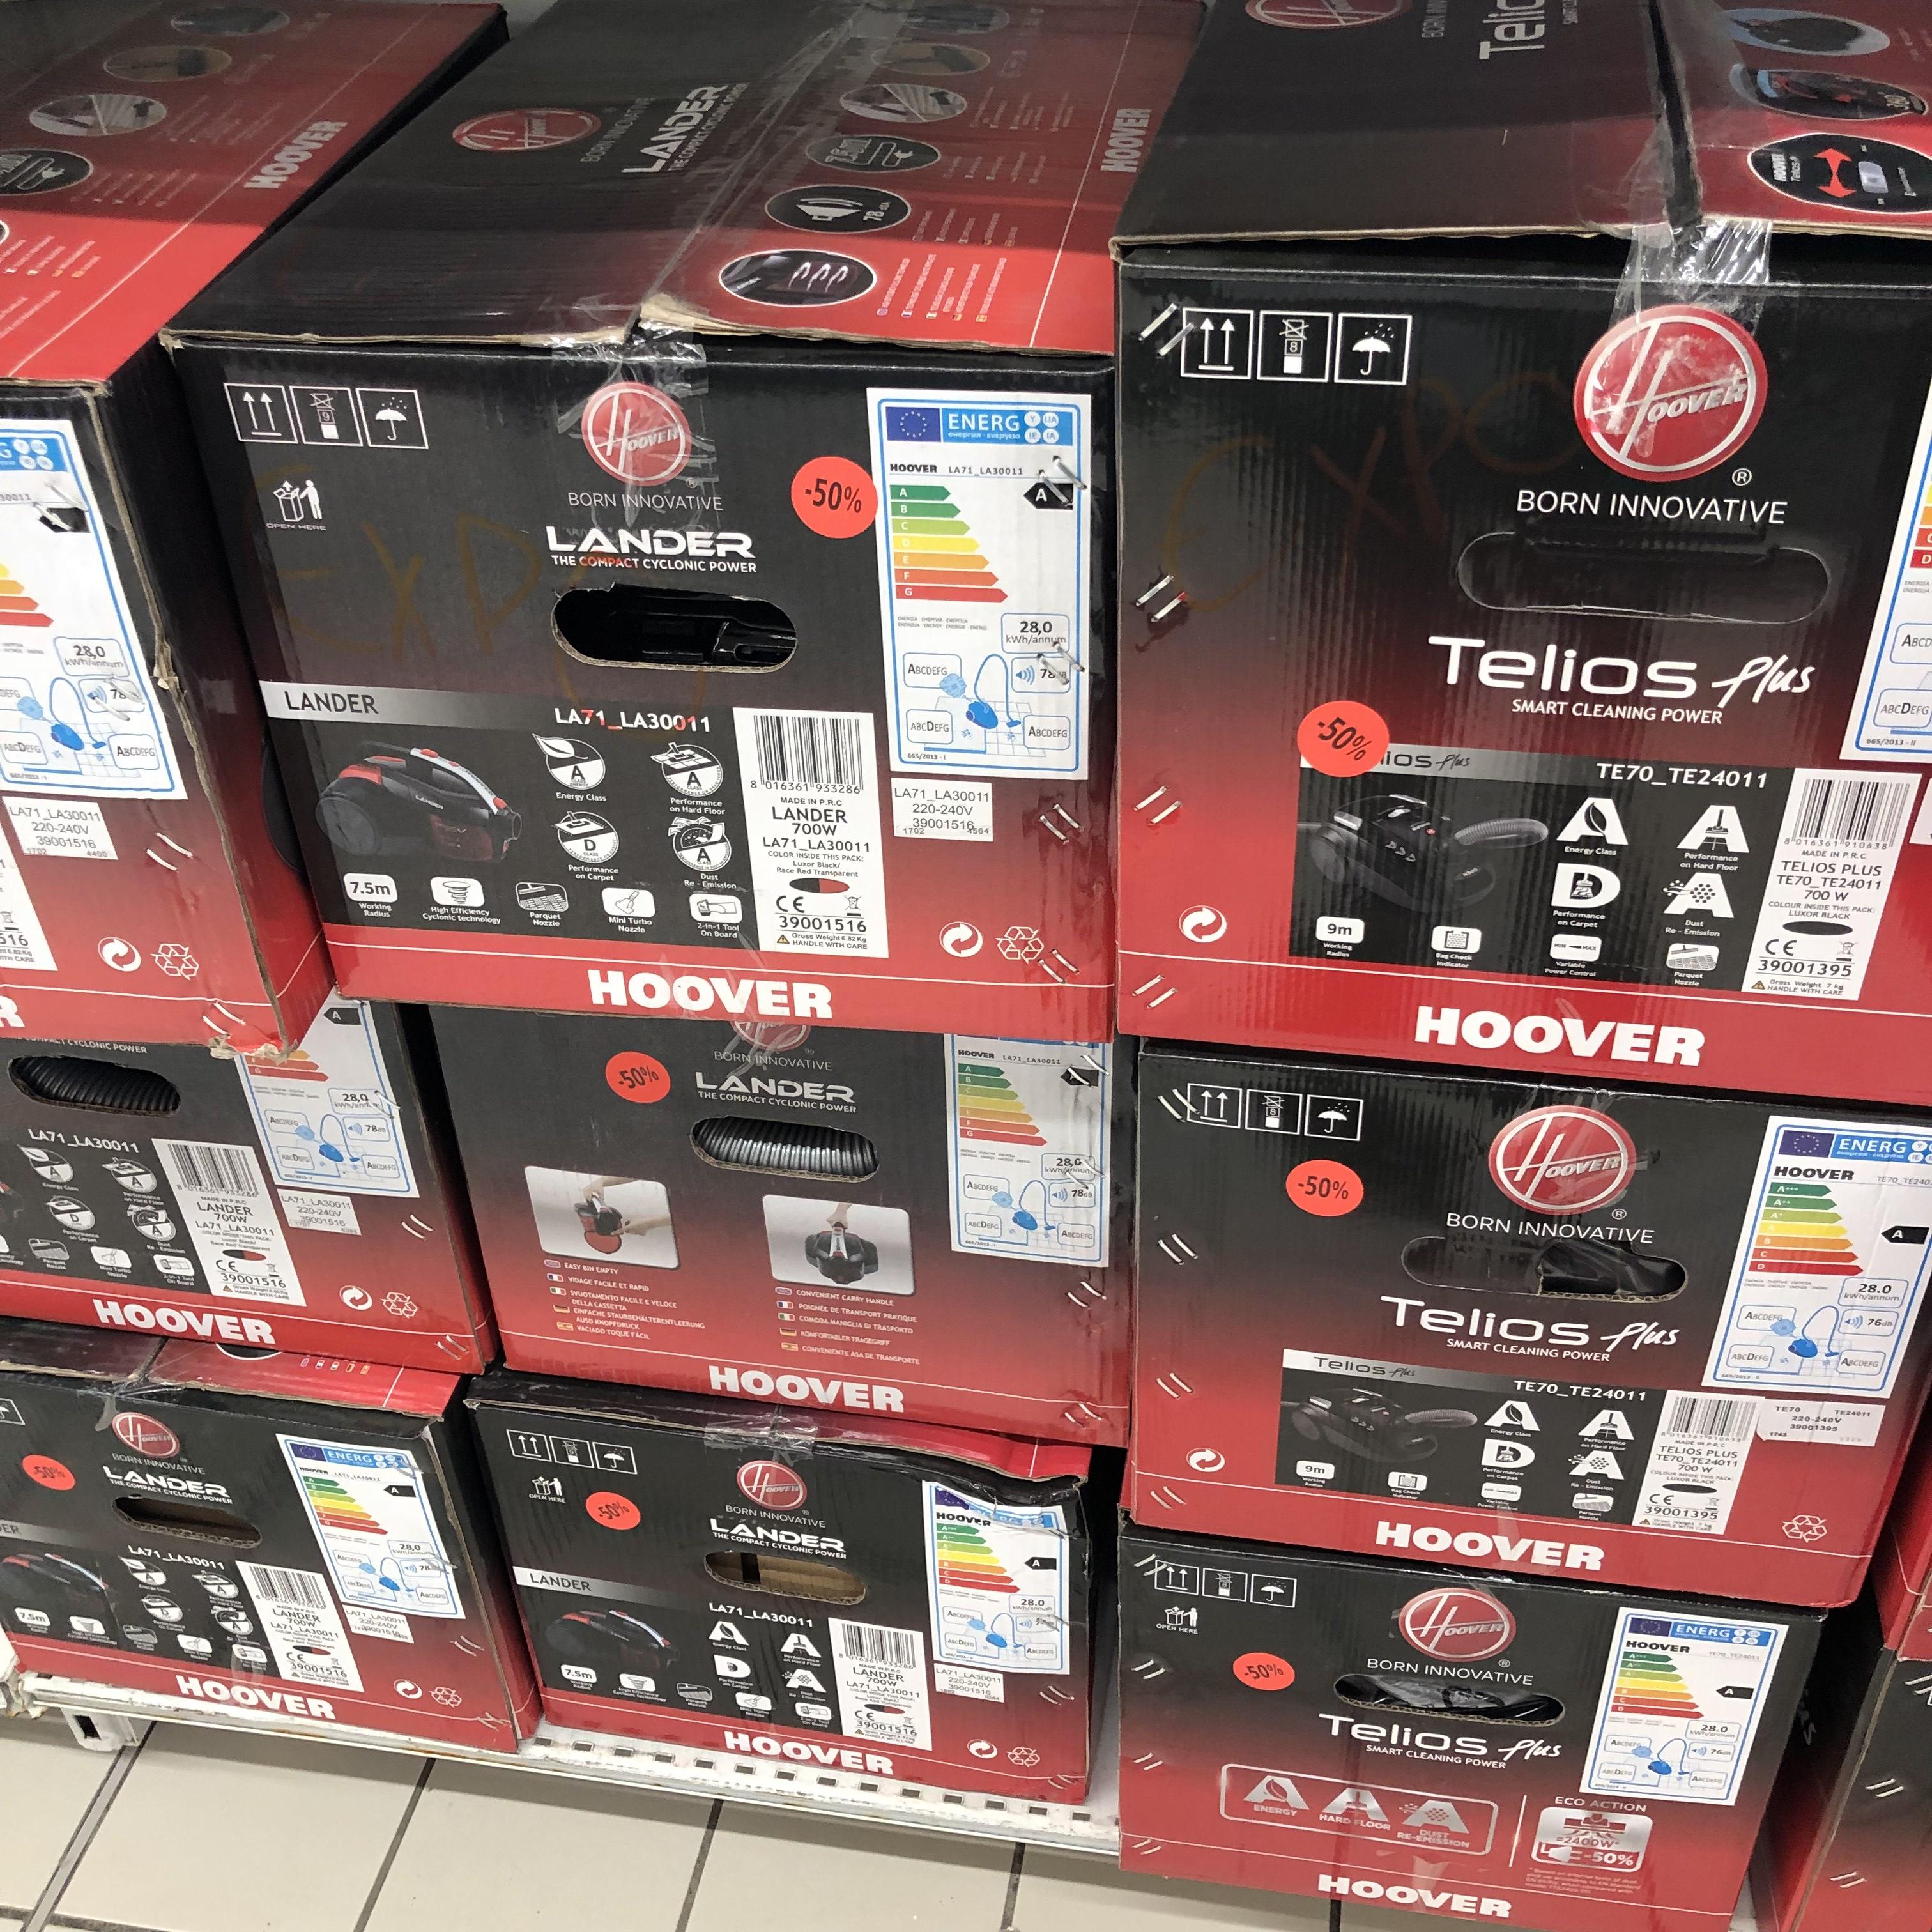 Aspirateur Hoover Telio Plus TE70_TE24 (modèles d'exposition) - Cormontreuil (51)